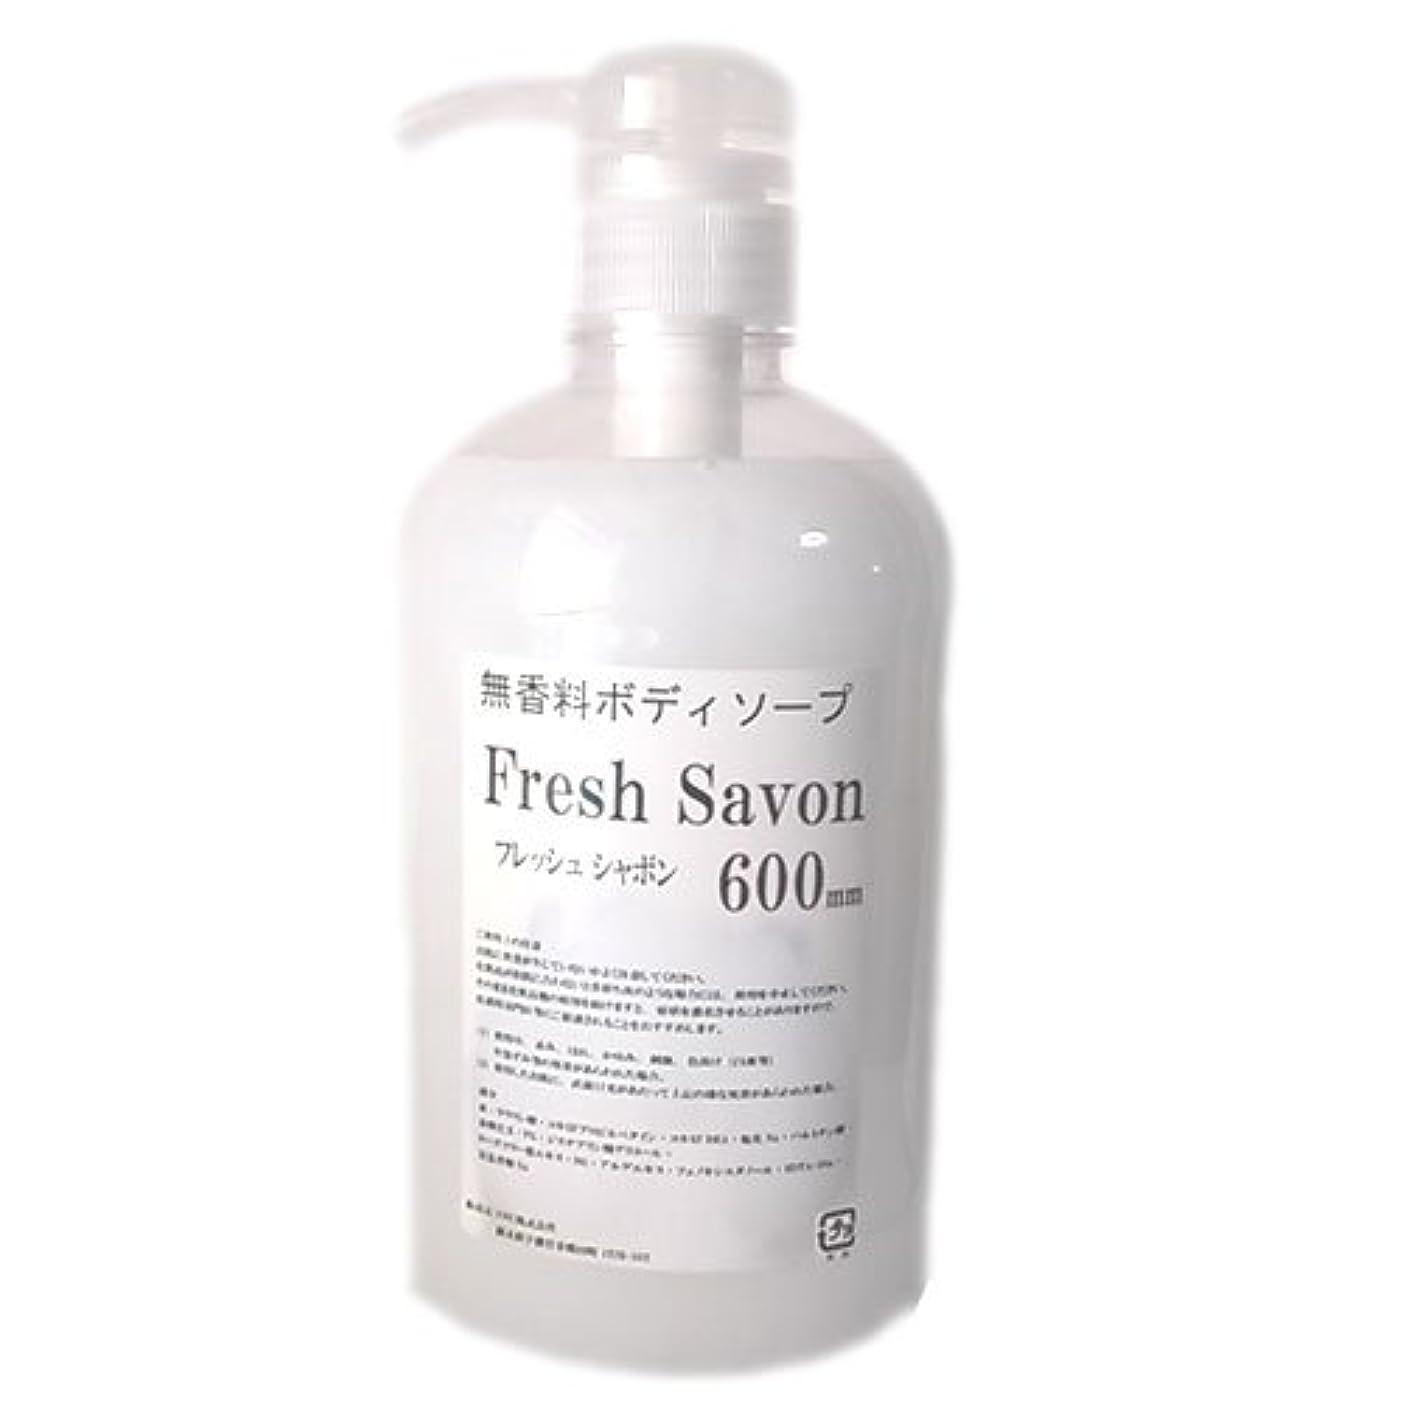 トレイルパンチ相続人無香料ボディソープ フレッシュシャボン 600mL 香りが残らないタイプ (10本セット)